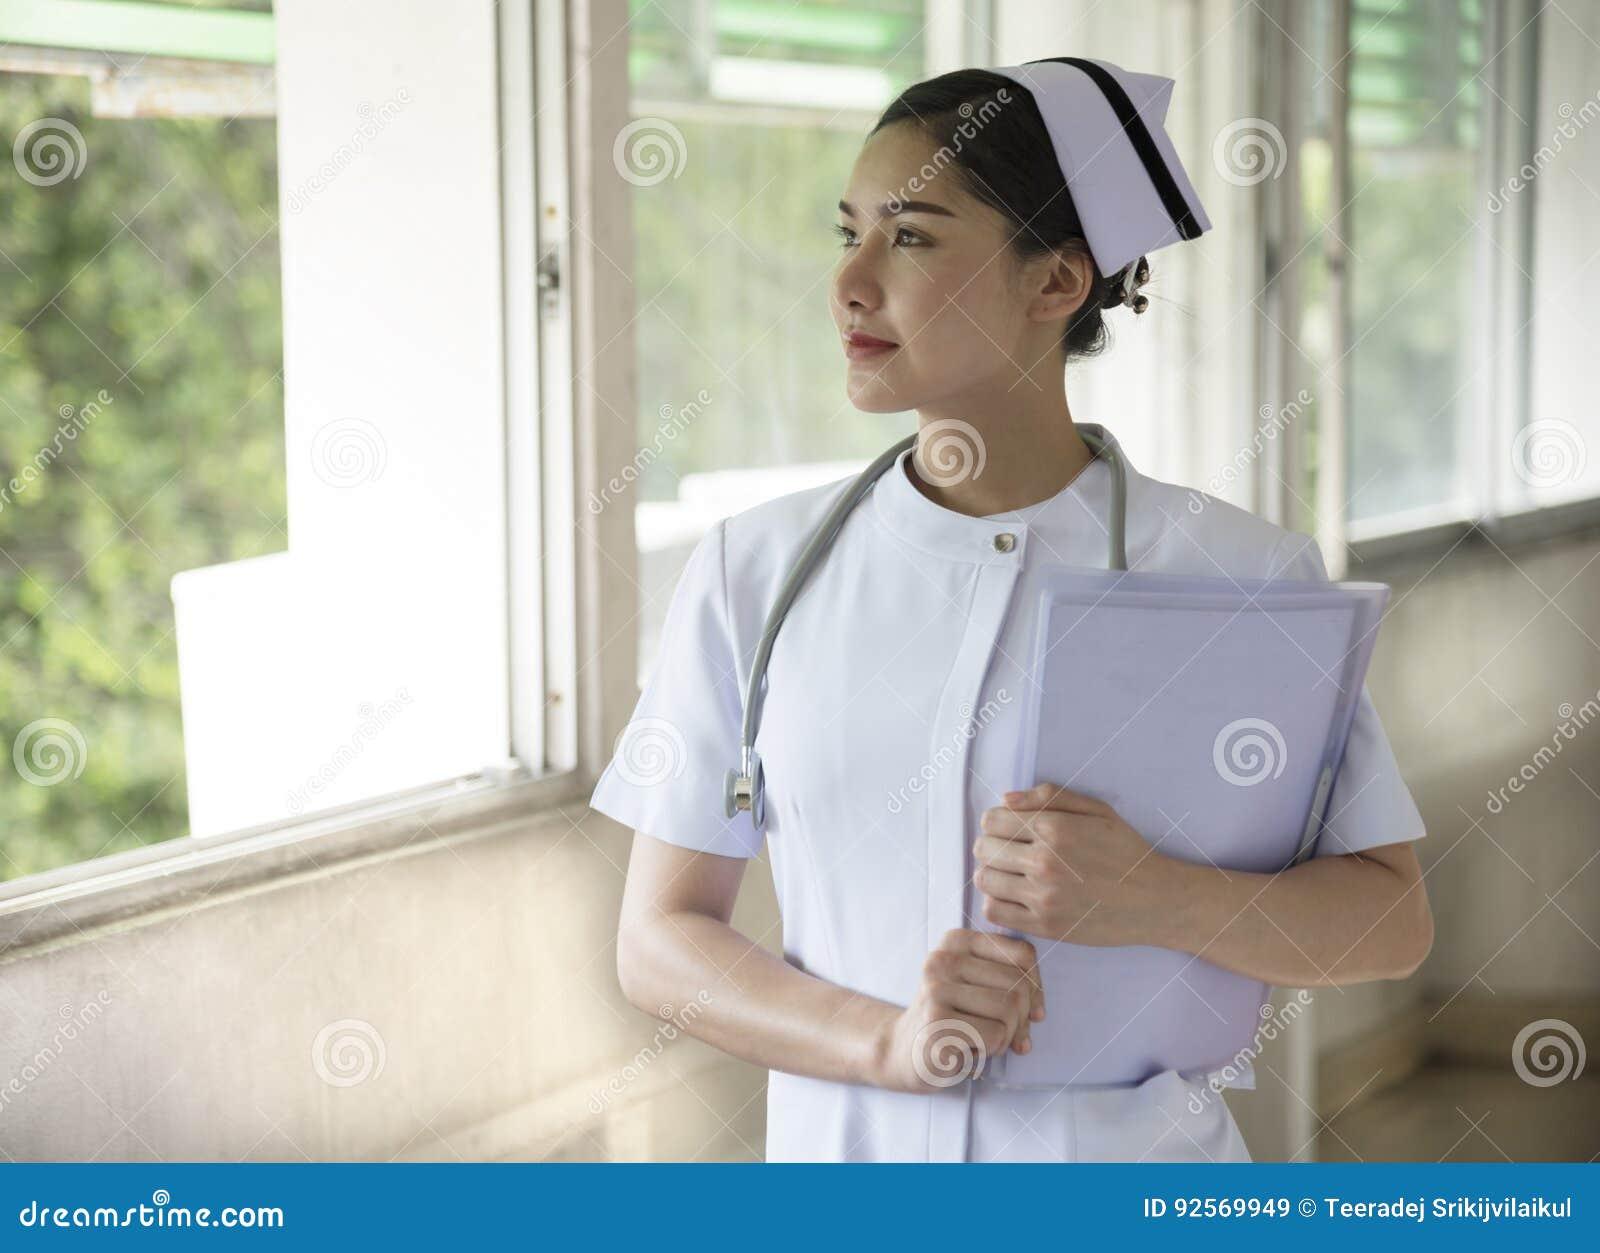 Uma enfermeira bonita guarda o informe médico